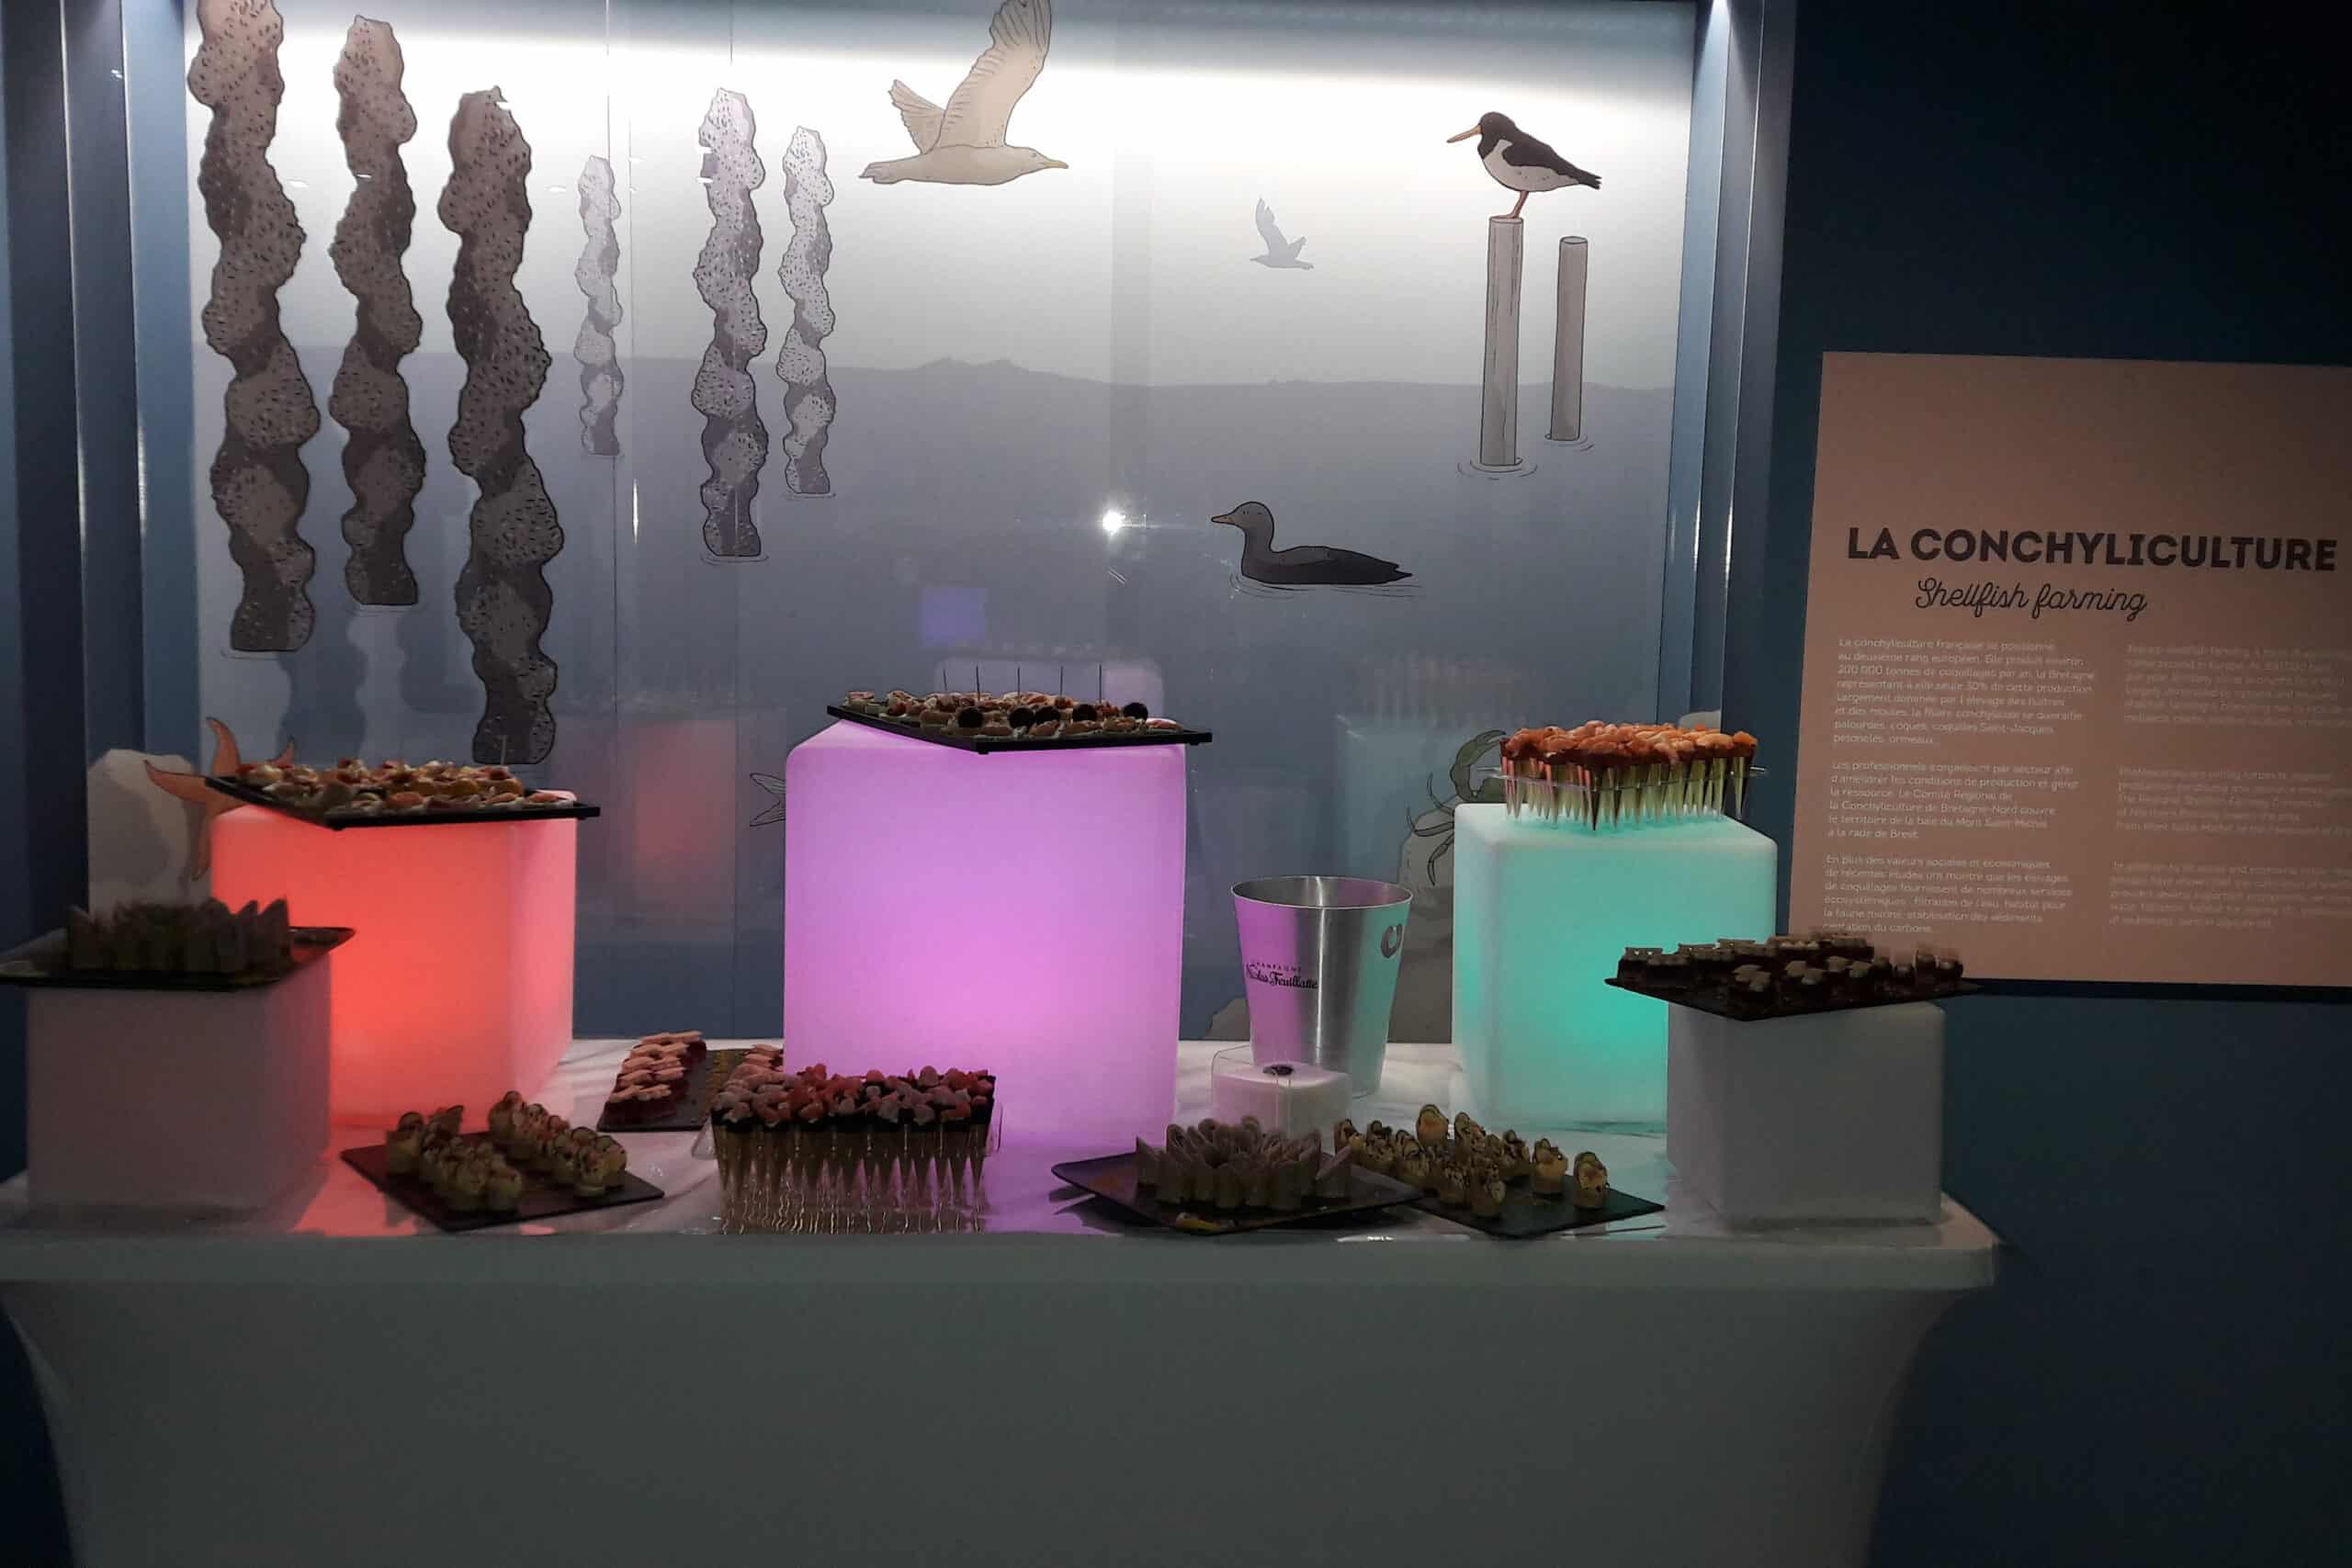 Cocktail en soirée devant l'espace Conchyliculture du pavillon Bretagne